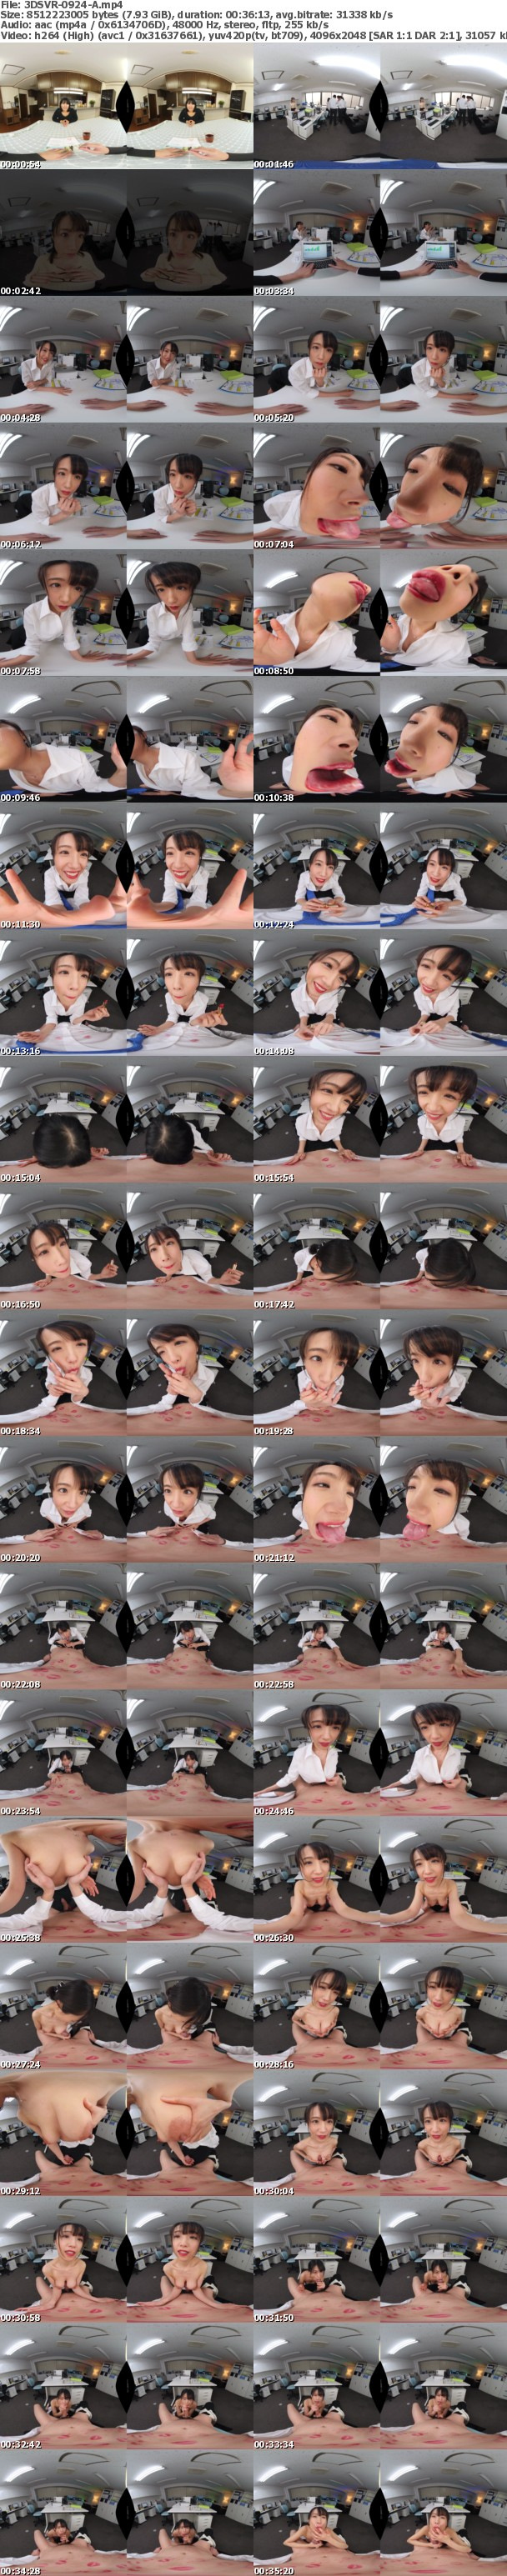 (VR) 3DSVR-0924 結婚間近で幸せ絶頂な僕を唇が狂わせる!キス魔の女上司からの舐め接吻NTR